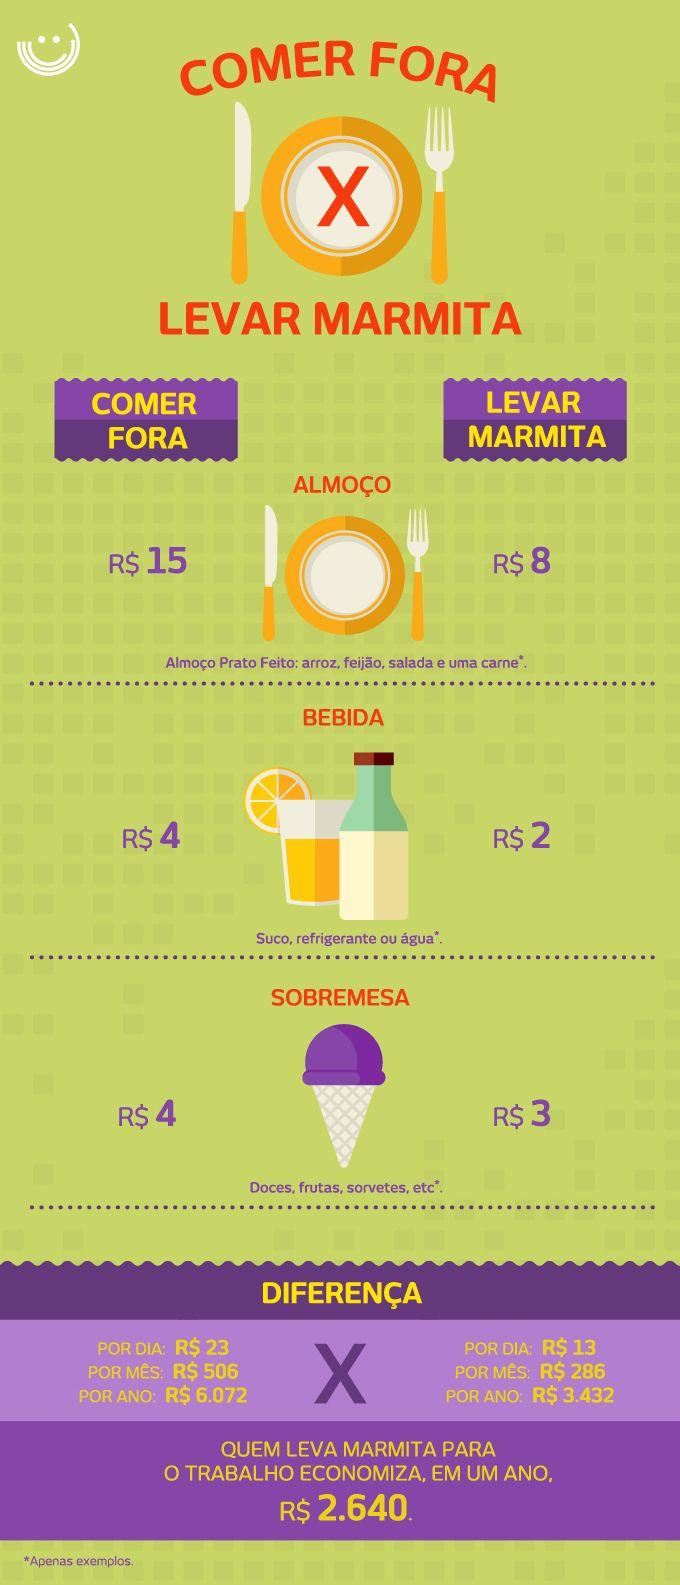 Estas dicas simples vão te incentivar a fazer marmita